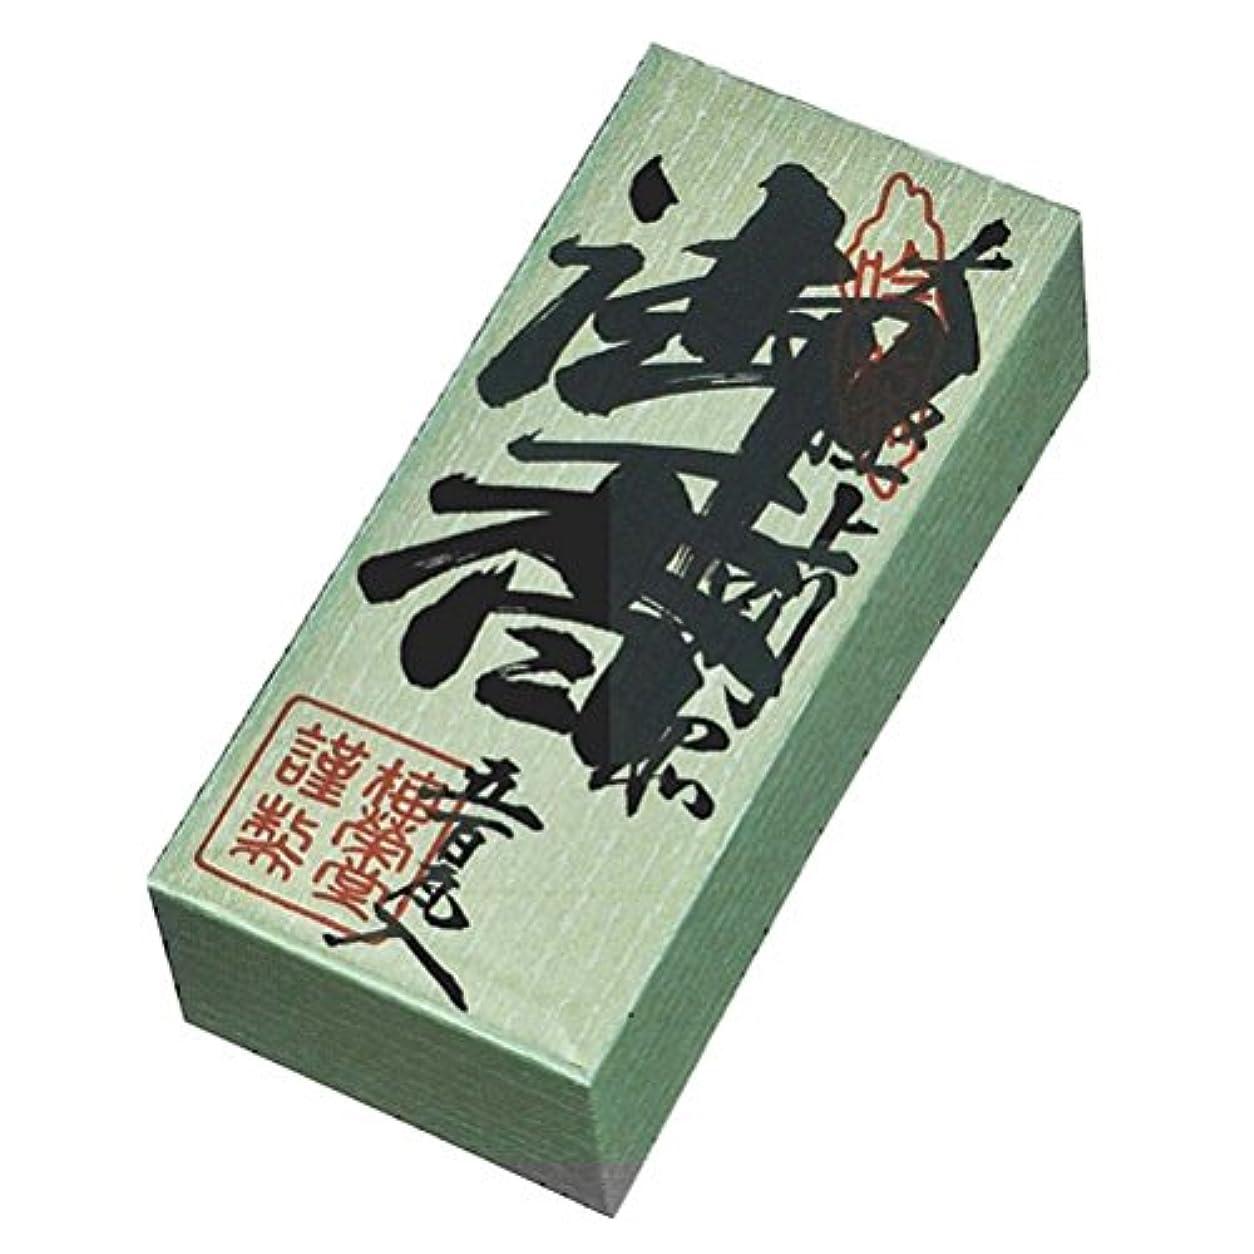 好ましい真鍮水を飲む徳香印 500g 紙箱入り お焼香 梅栄堂